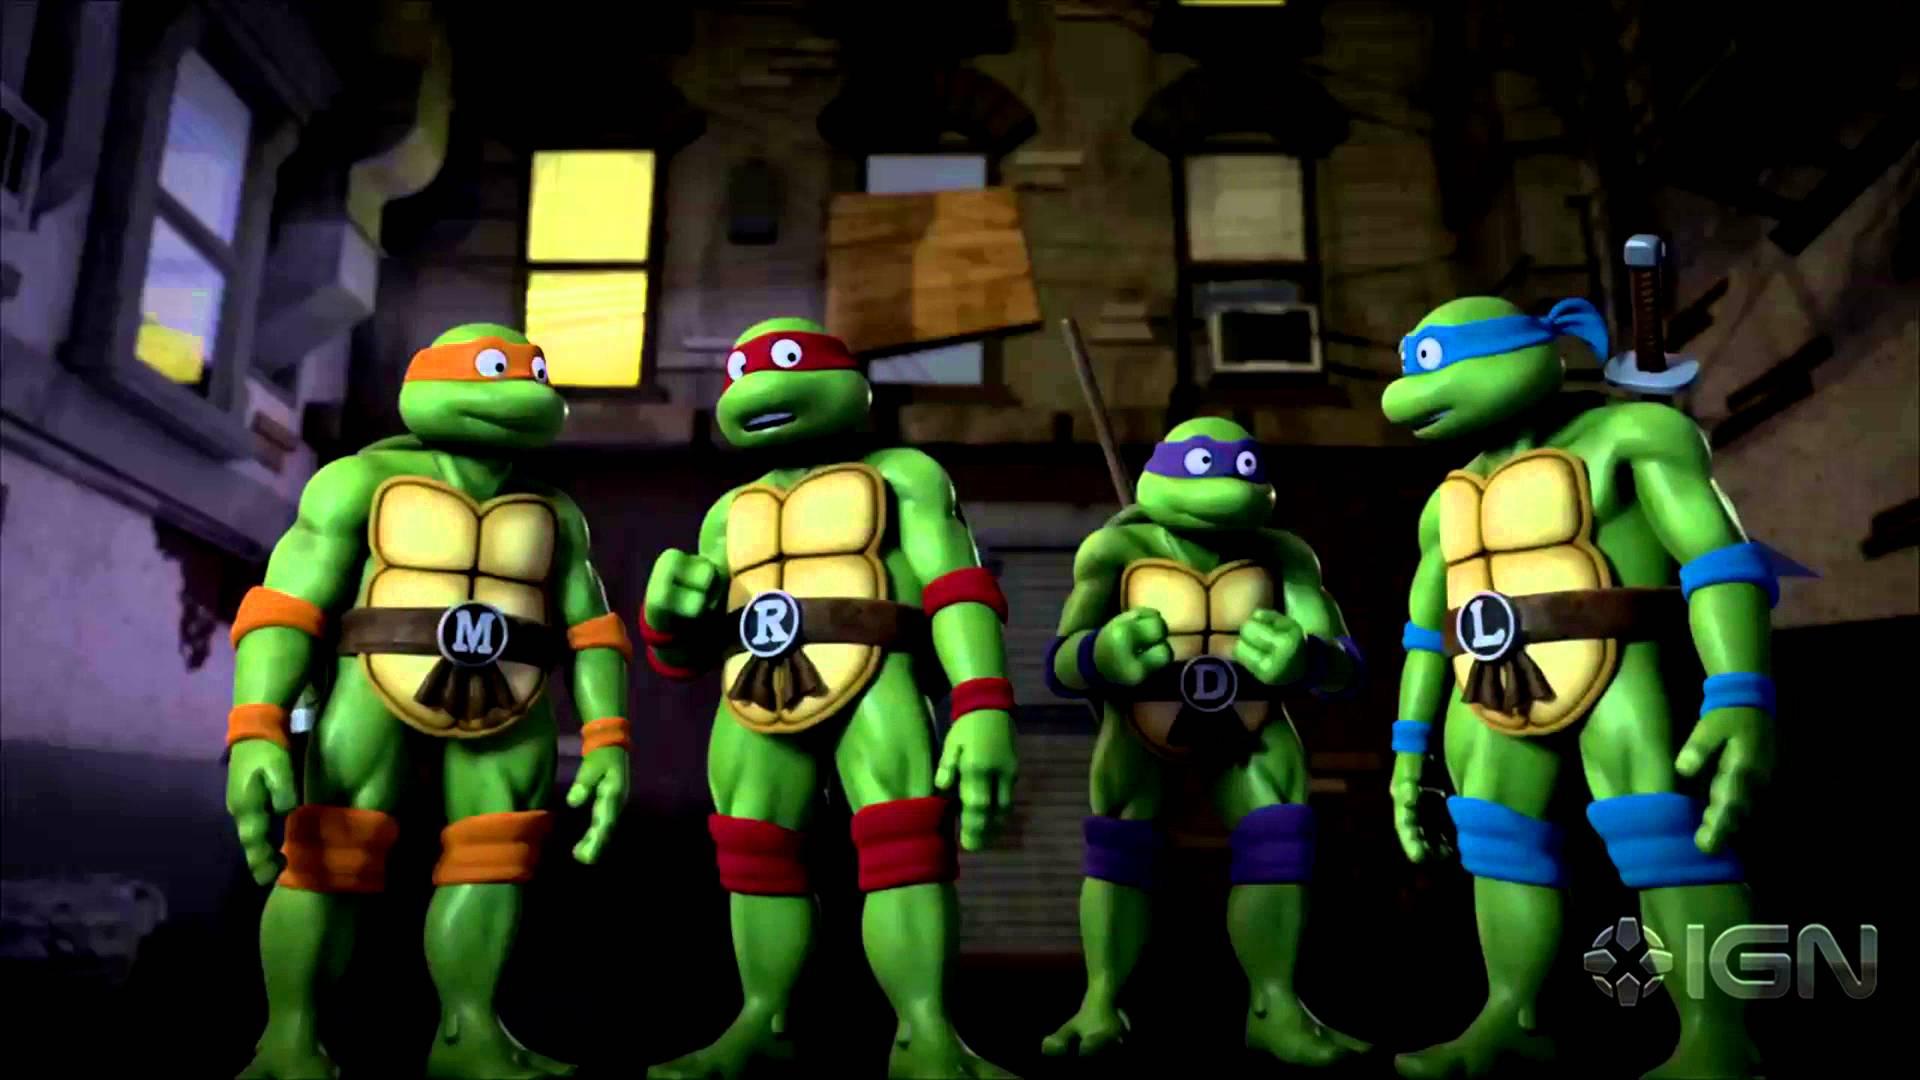 Teenage Mutant Ninja Turtles: The 1980s Animated Turtles Return